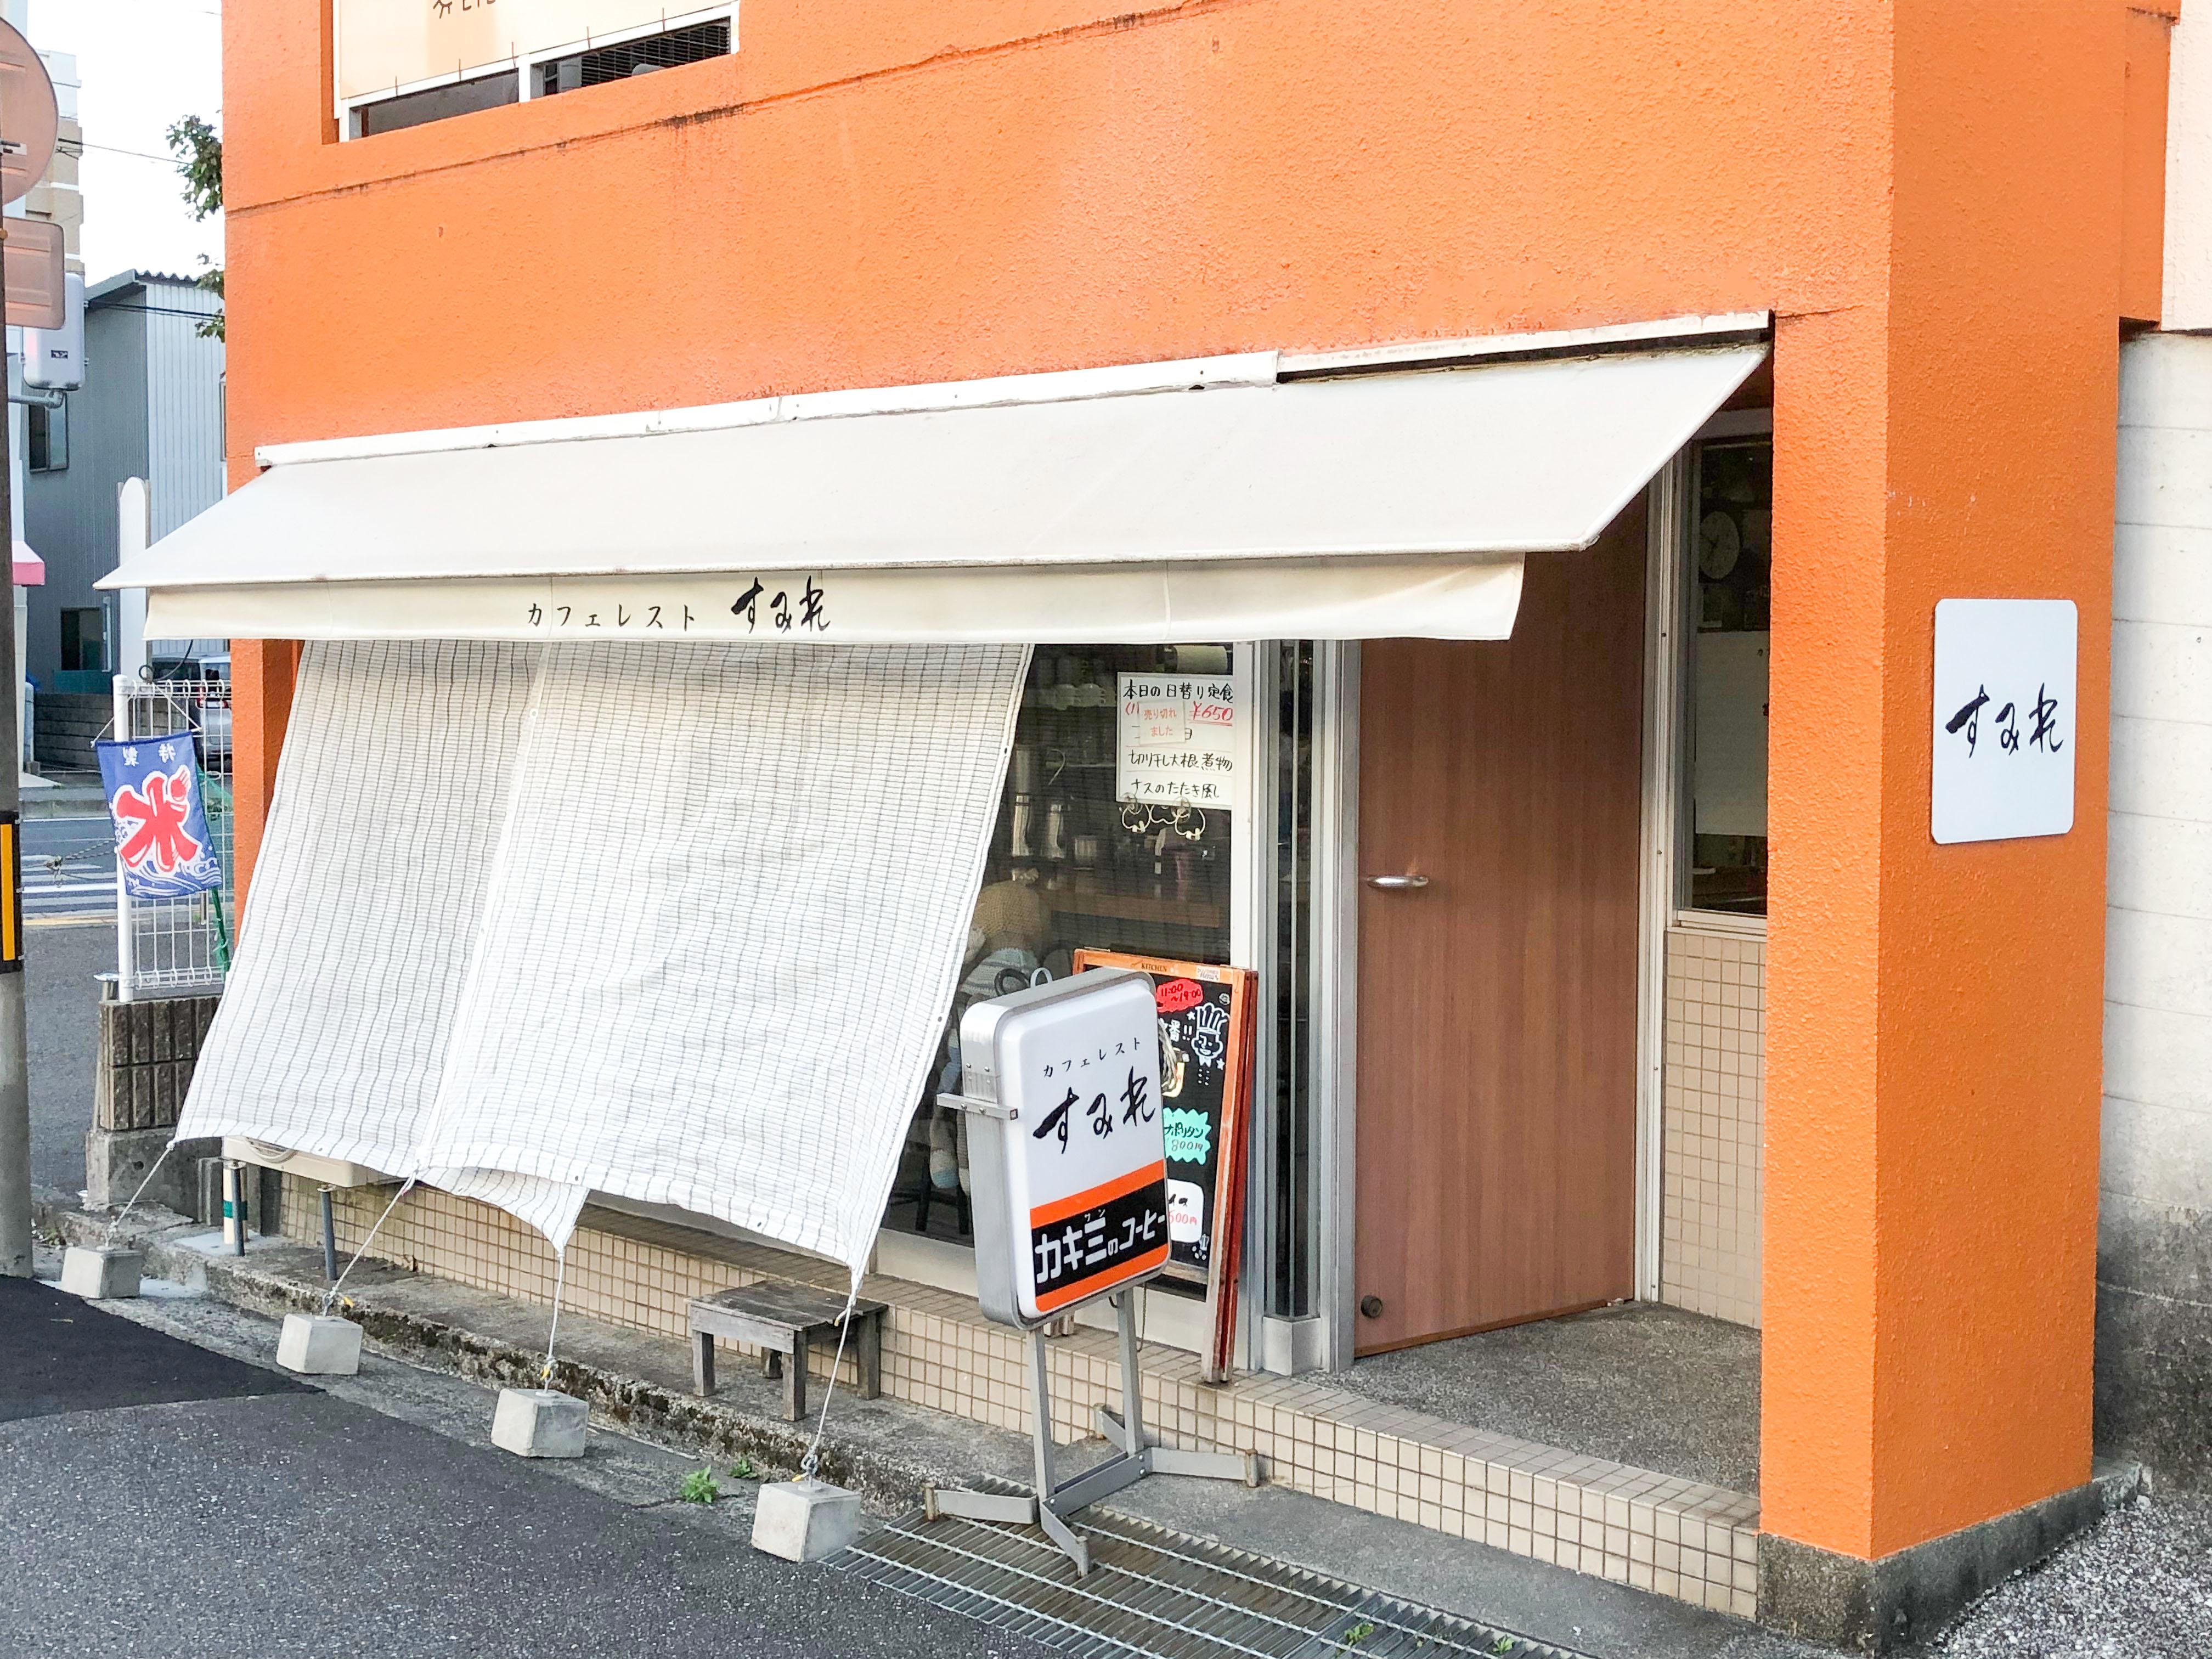 高知市のカフェレストすみれの外観の画像